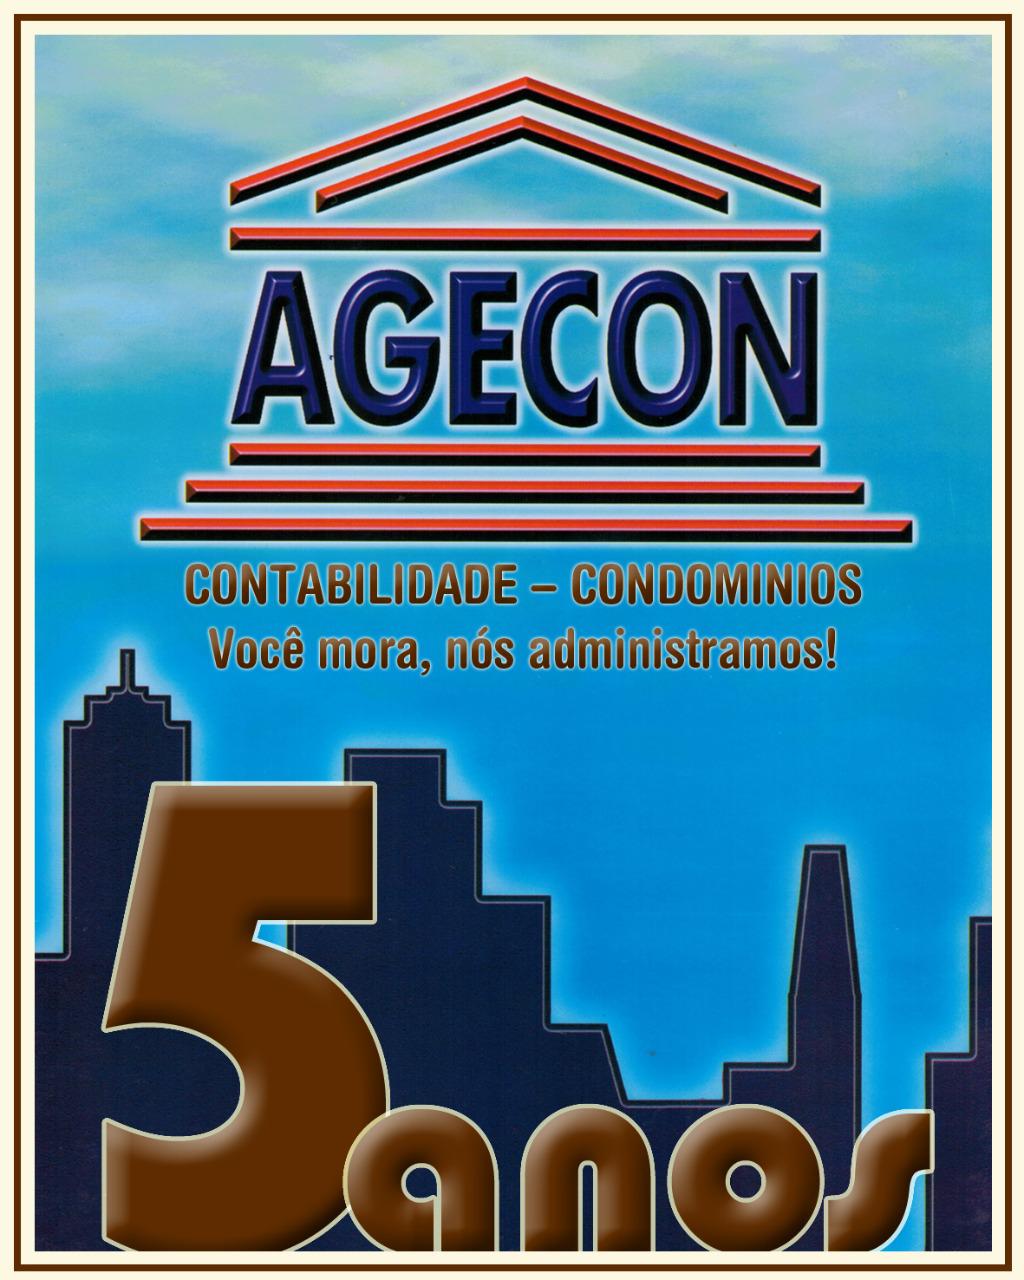 Agecon - 5 anos